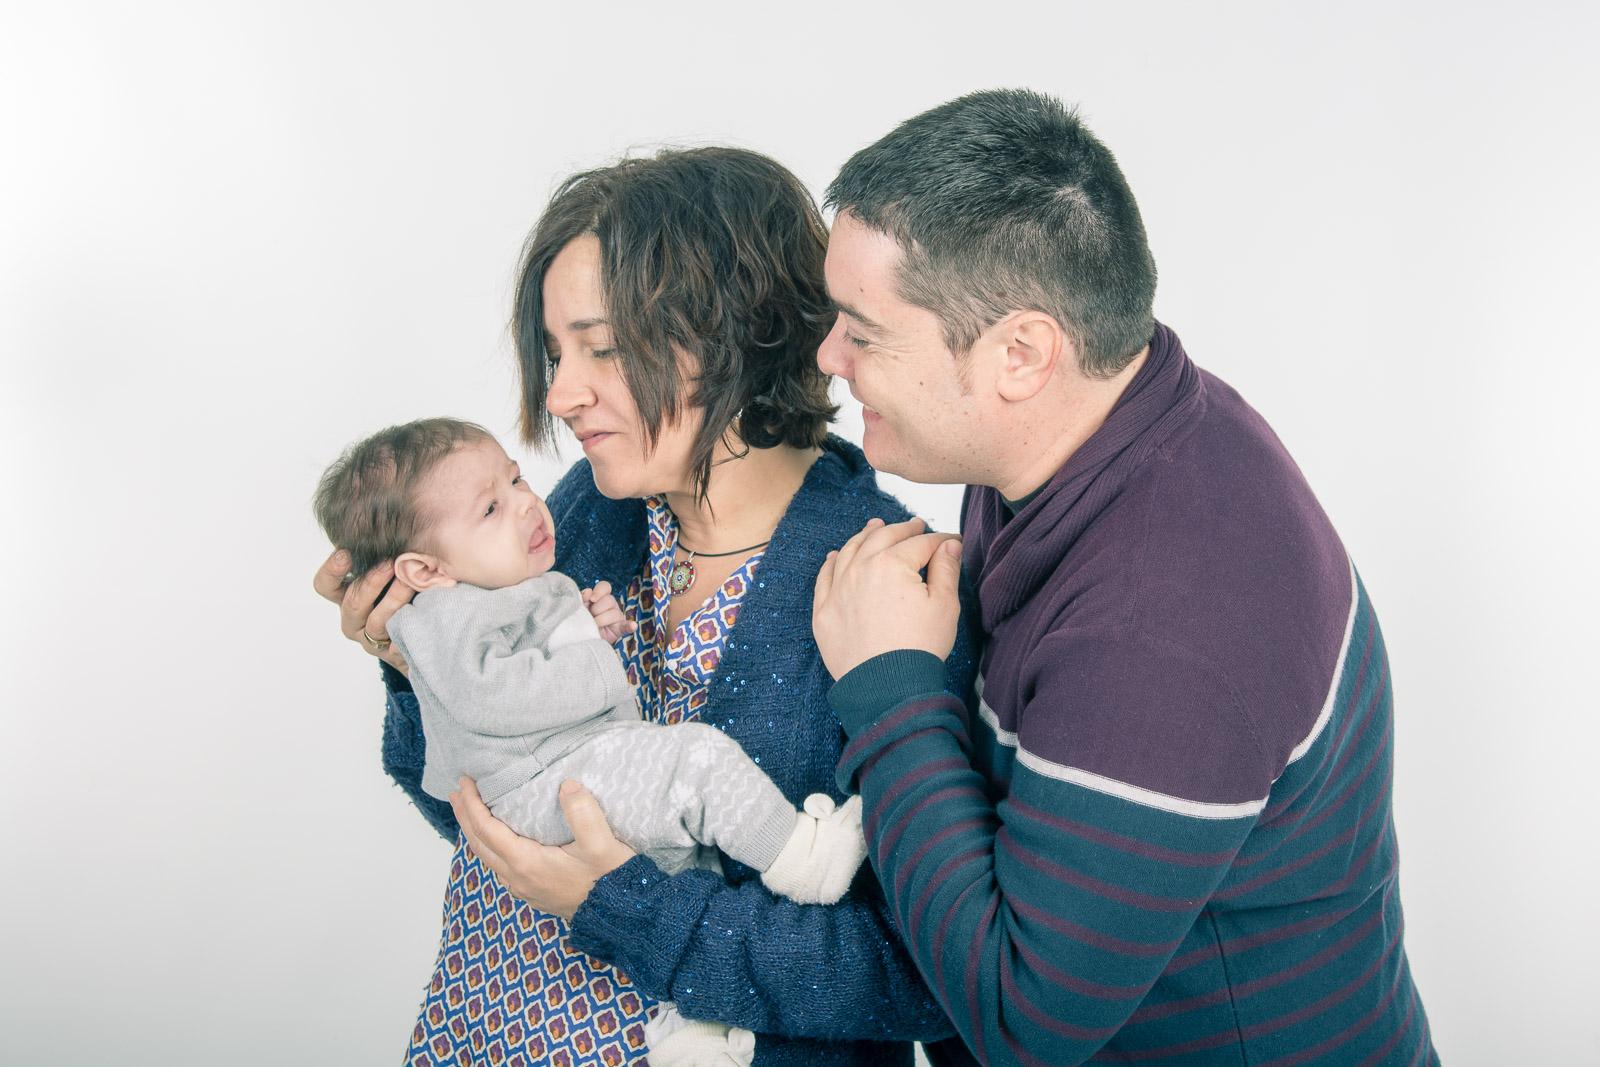 kidsfoto.es Sesión fotográfica bebé, fotógrafo niños en Zaragoza